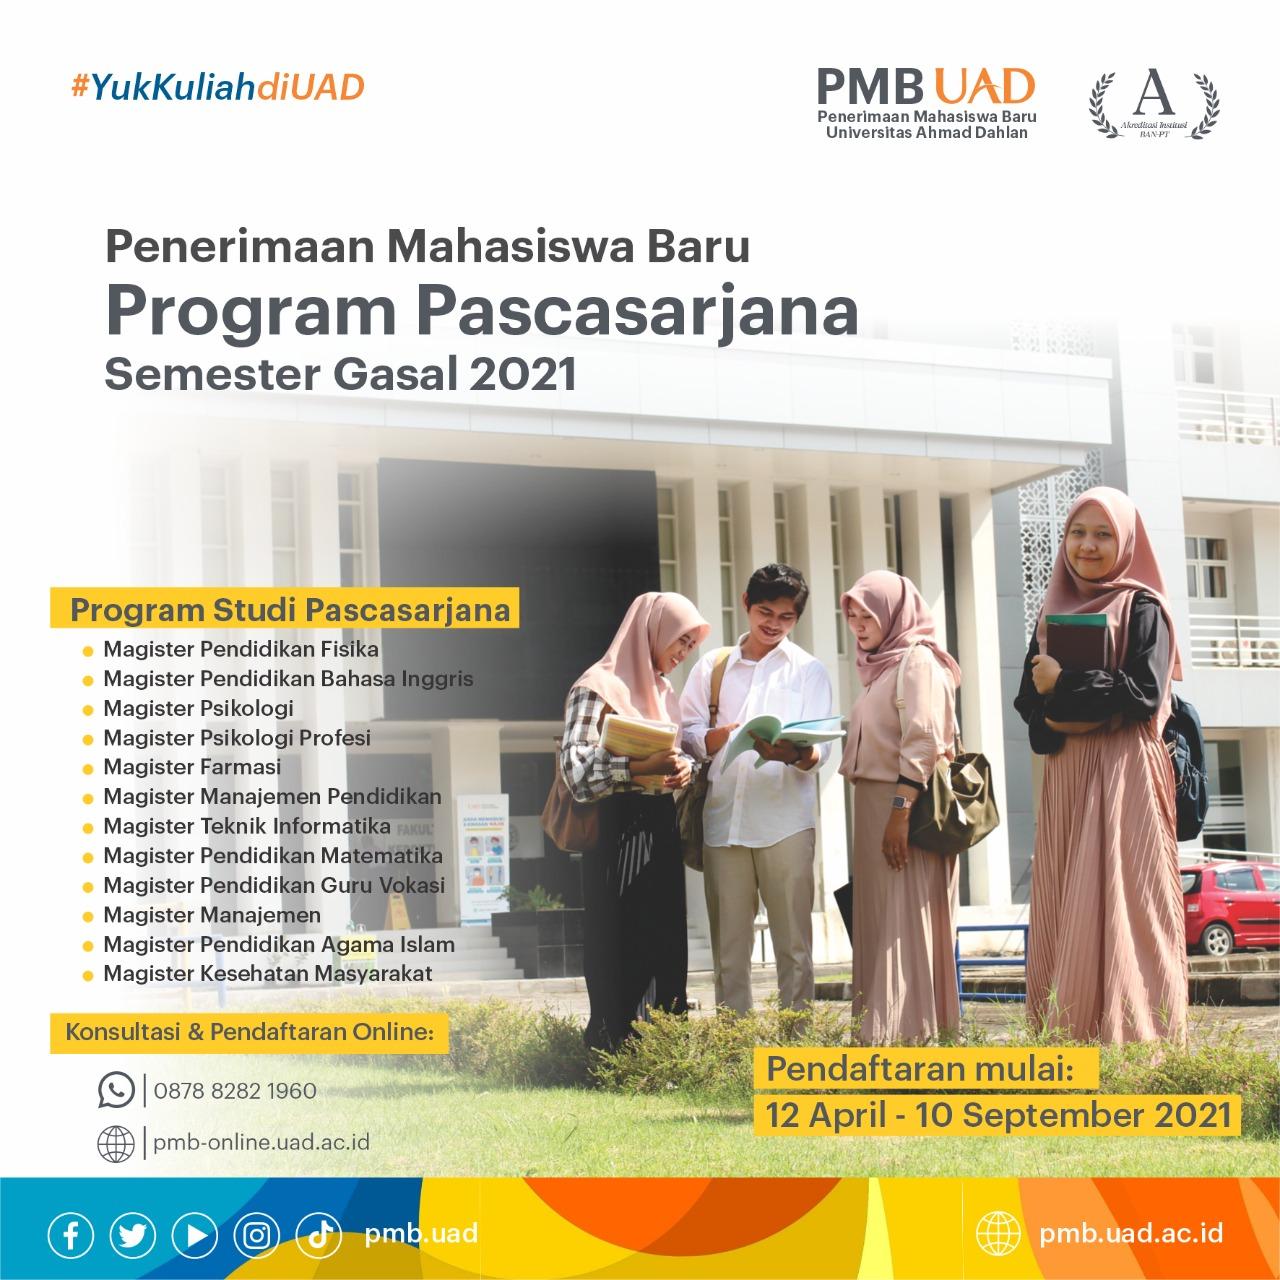 Penerimaan Mahasiswa Baru Program Pascasarjana Semster Gasal 2021